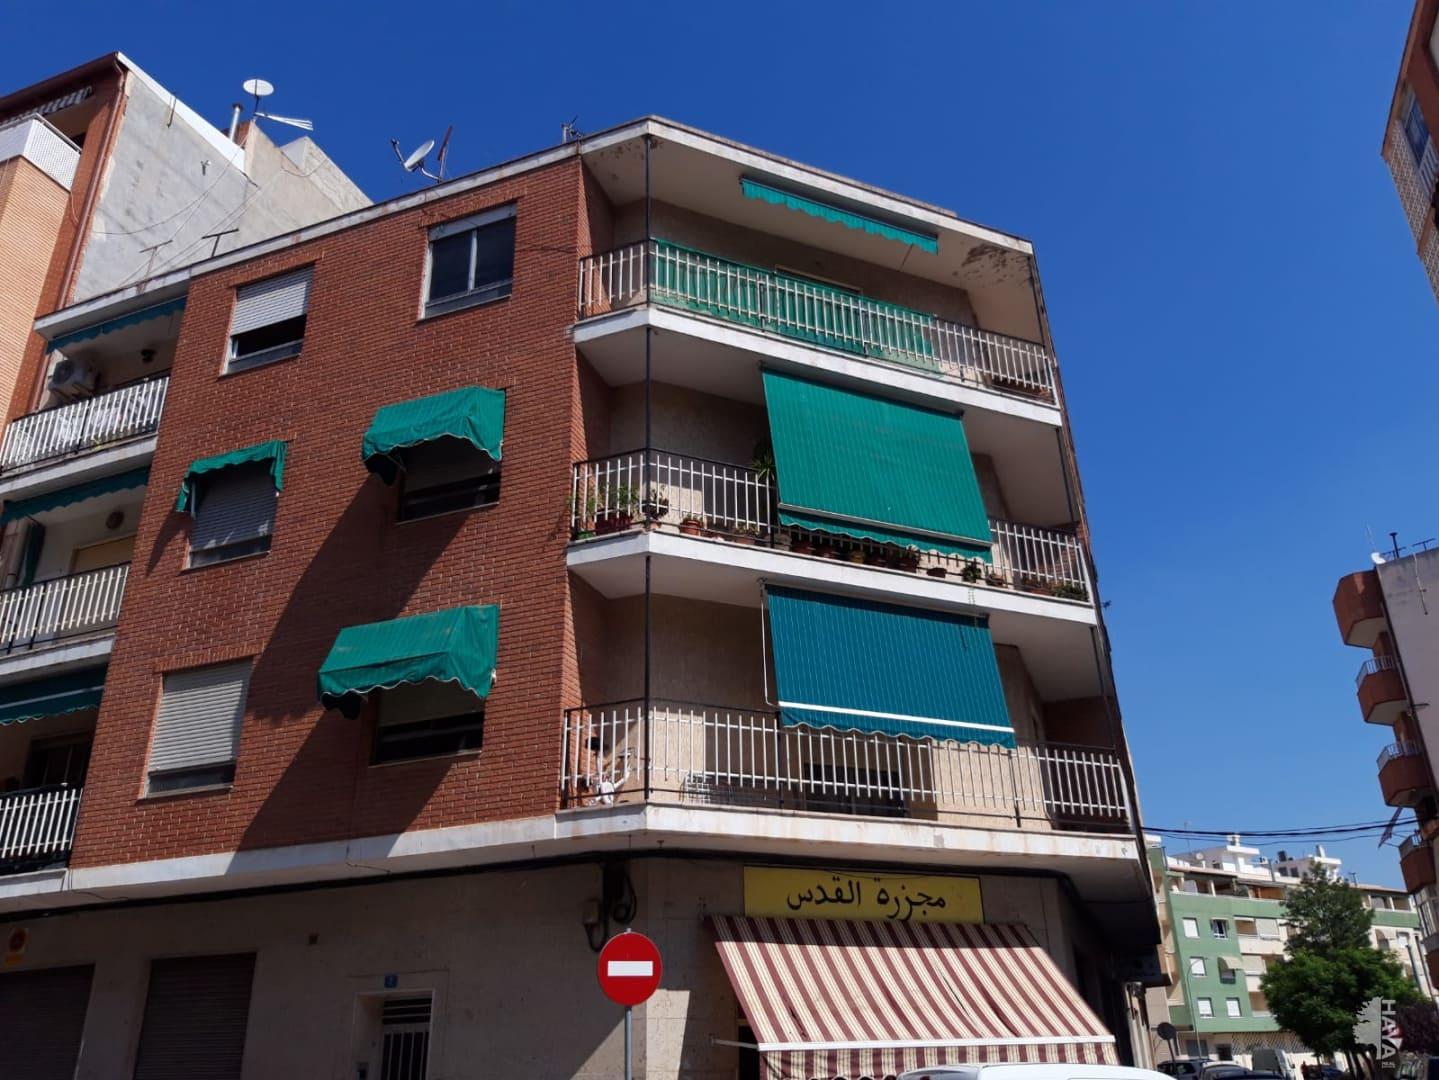 Piso en venta en Callosa de Segura, Alicante, Calle Dos de Mayo, 33.901 €, 3 habitaciones, 1 baño, 111 m2